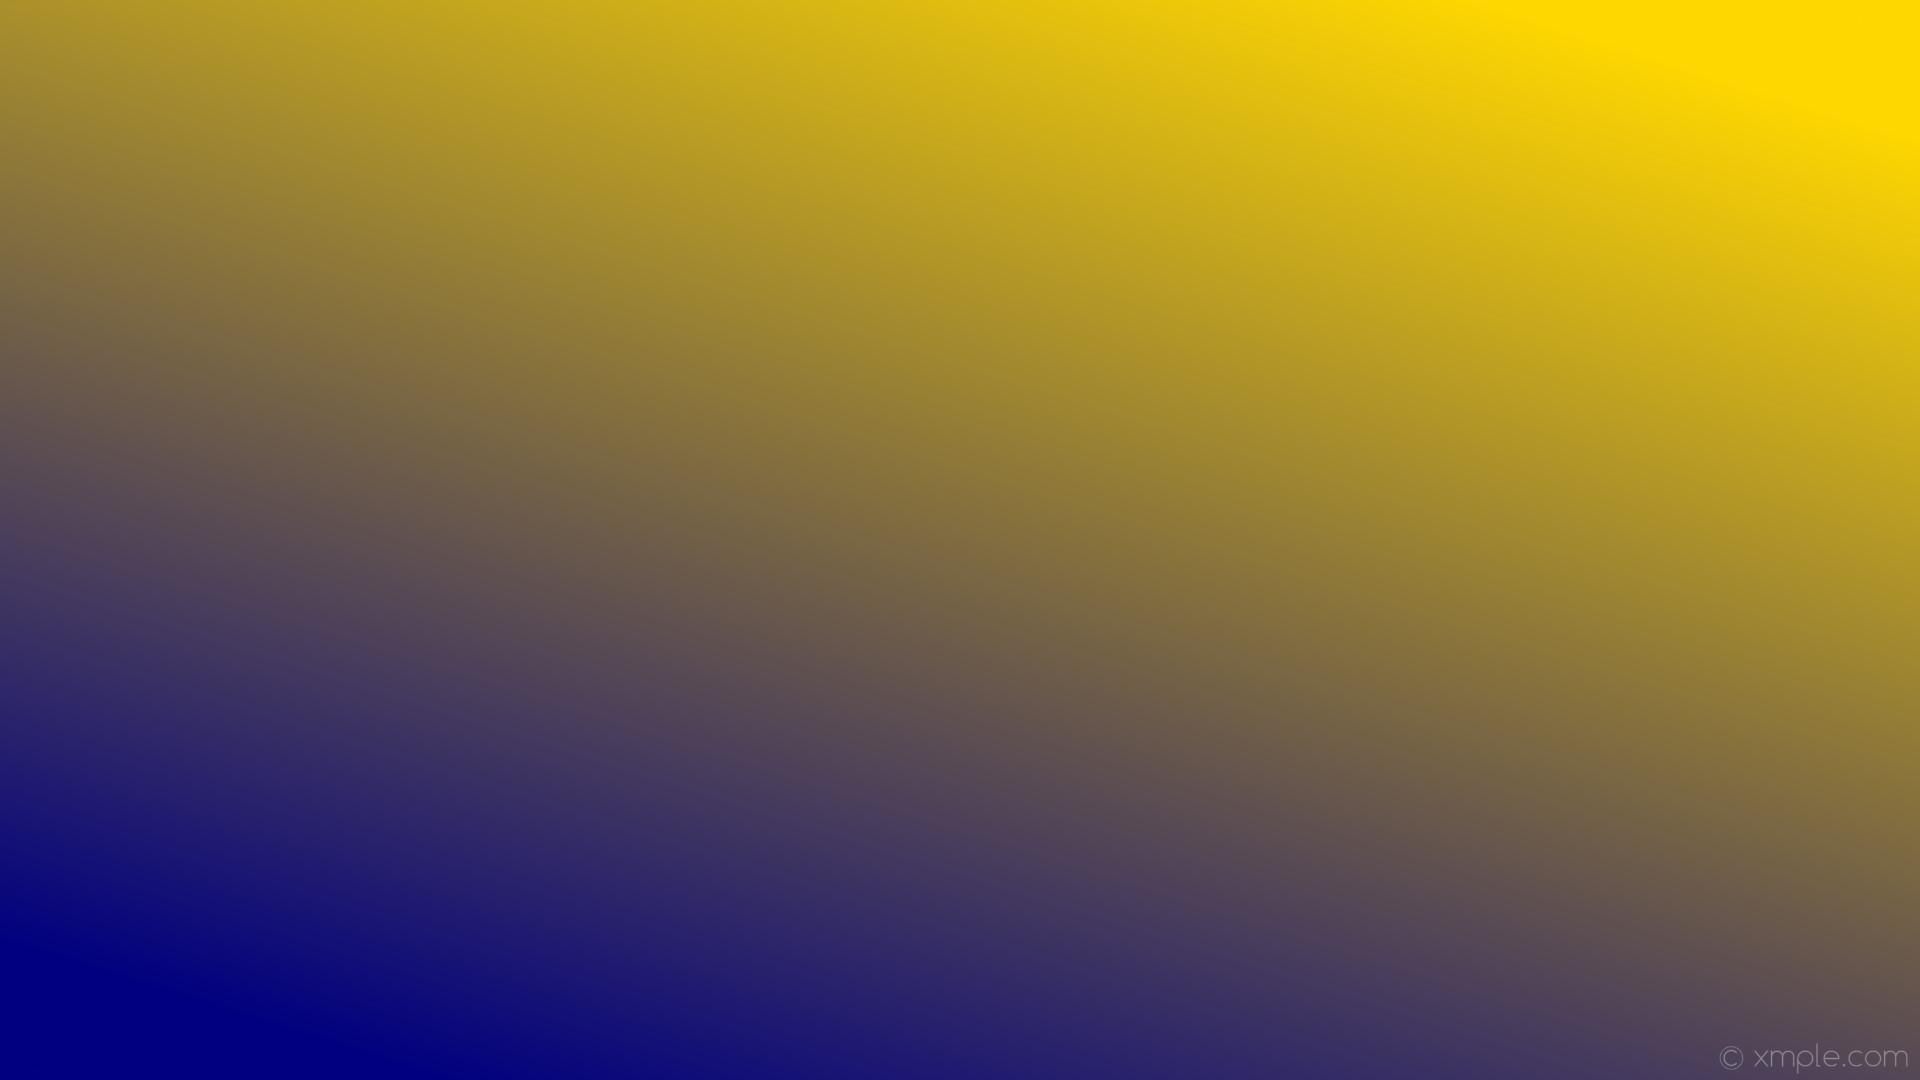 wallpaper yellow gradient linear blue gold navy #ffd700 #000080 45°